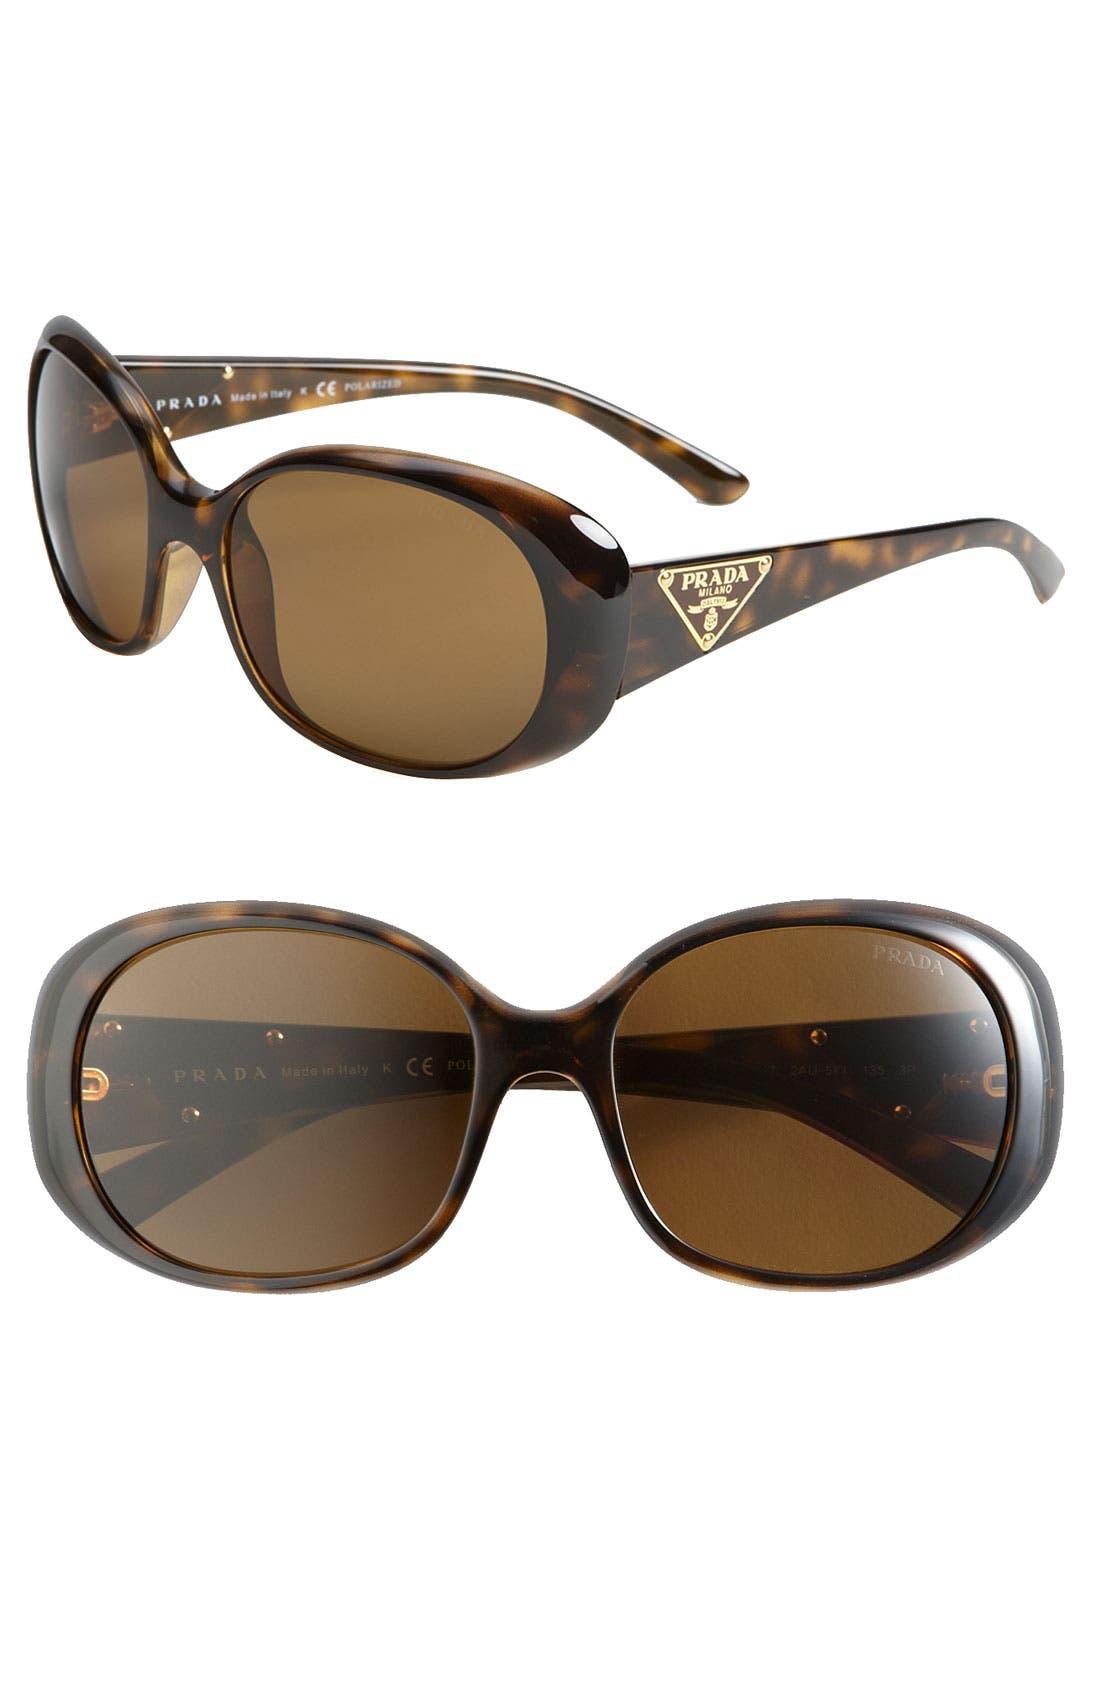 Main Image - Prada 'P-Glam' Round Sunglasses